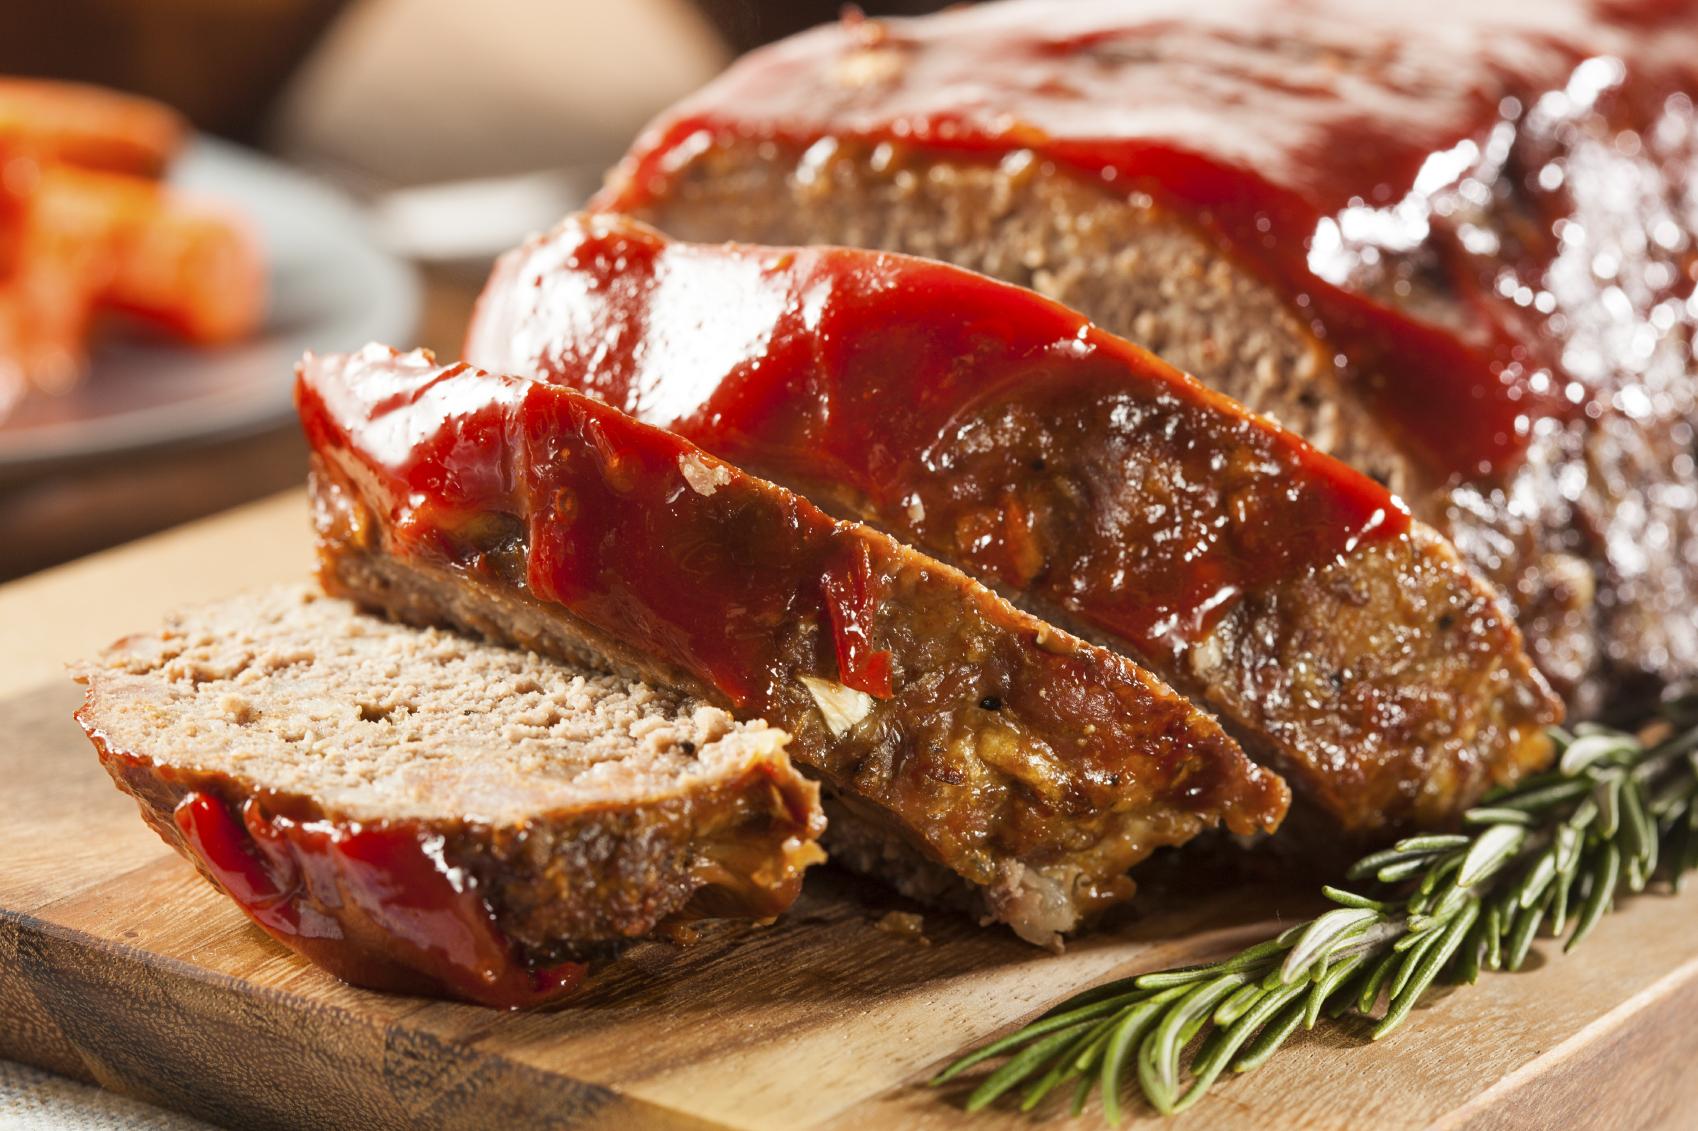 Recipe: Meatloaf